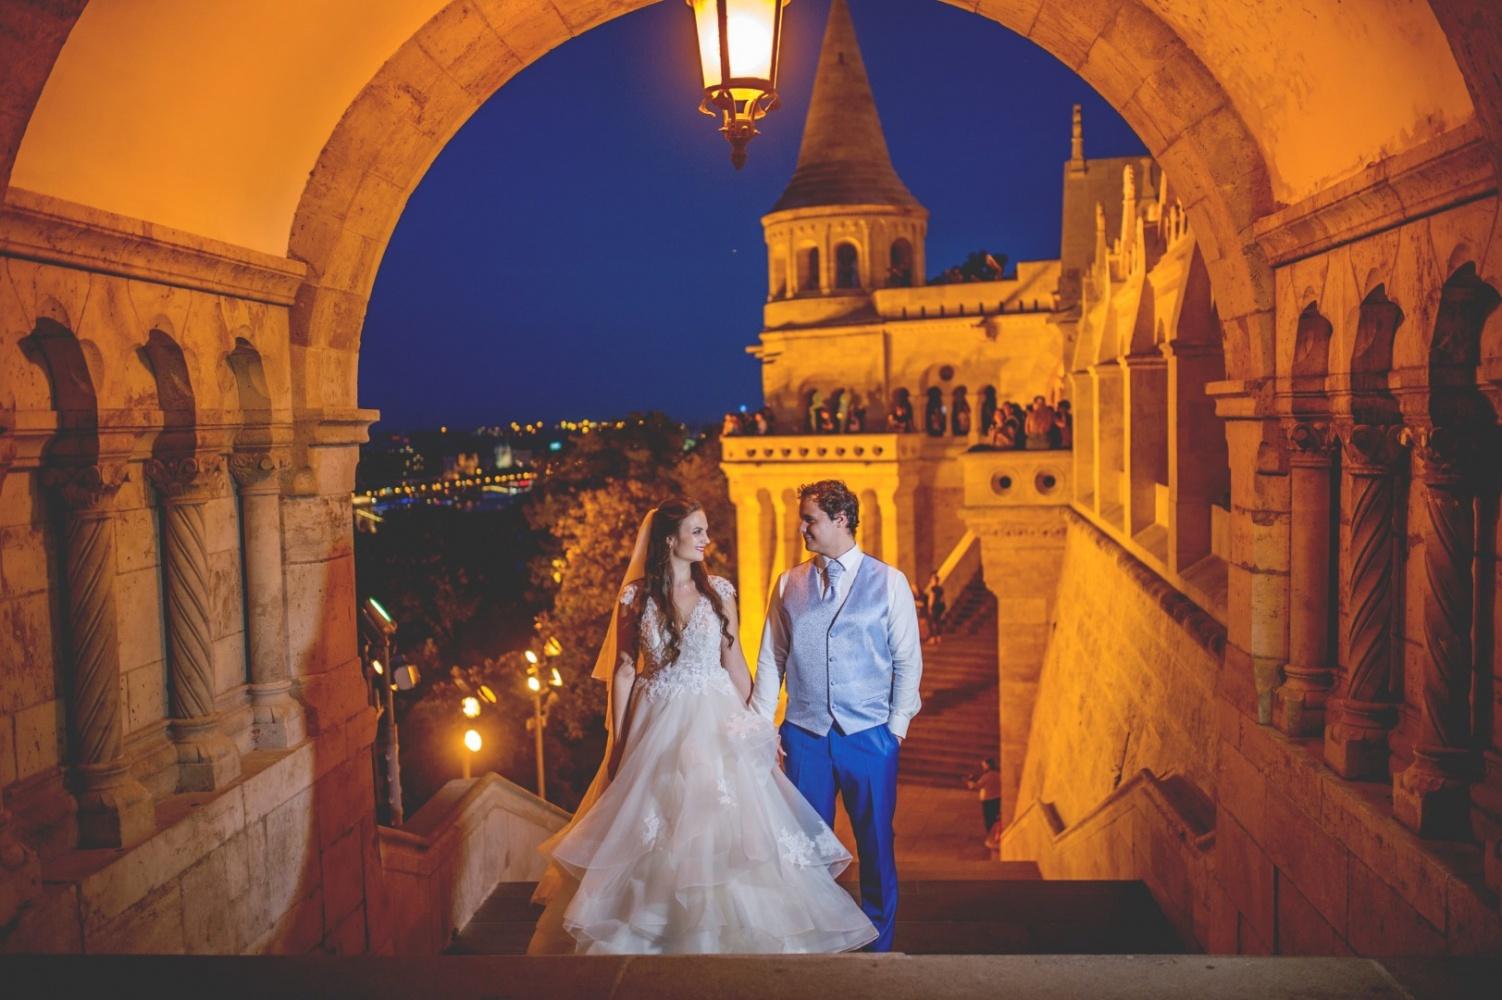 http://www.fotoz.sk/images/gallery-31/normal/eskuvo_dunaharaszti-rendezvenyhaz_056.jpg